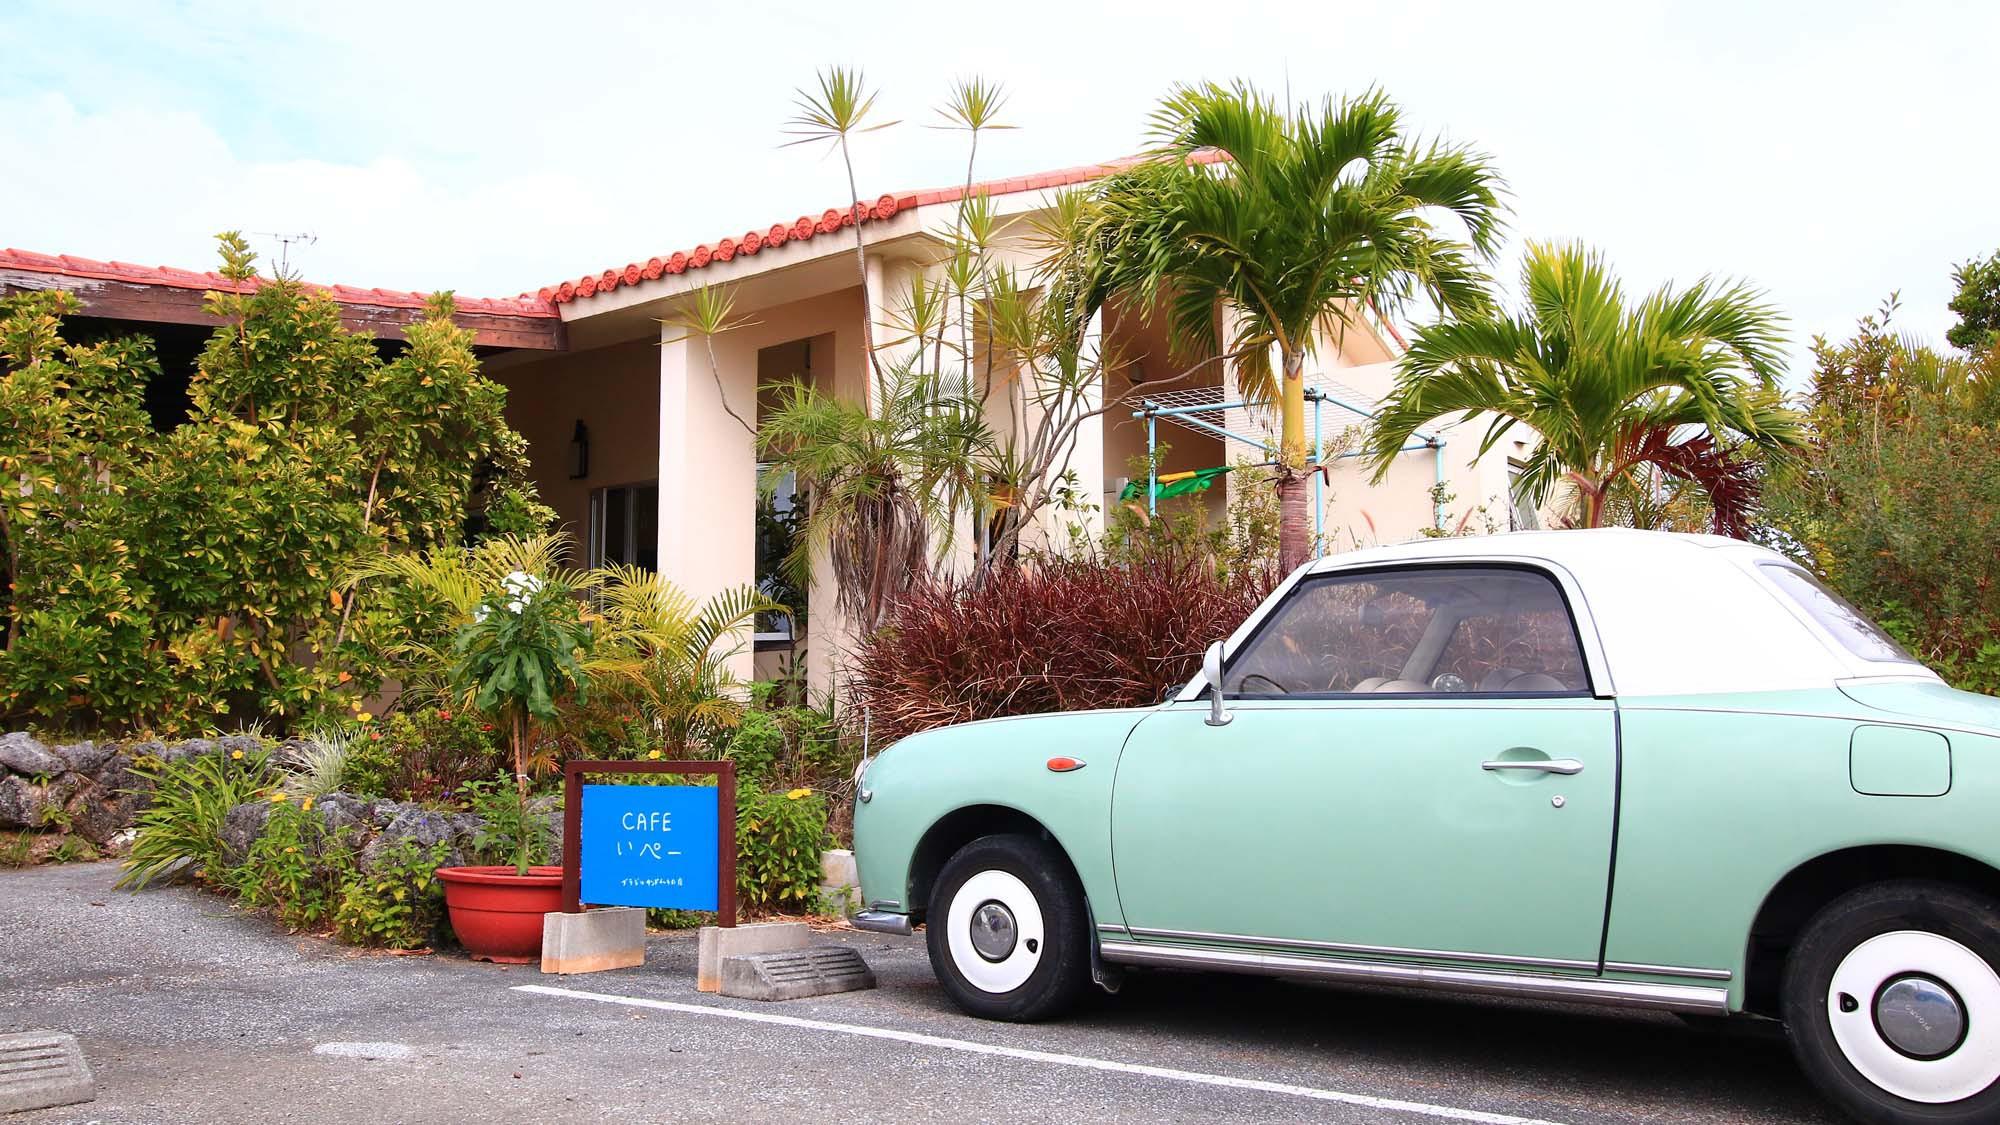 【バリアフリー】沖縄で卒業旅行。足の悪い人にやさしいおススメホテル